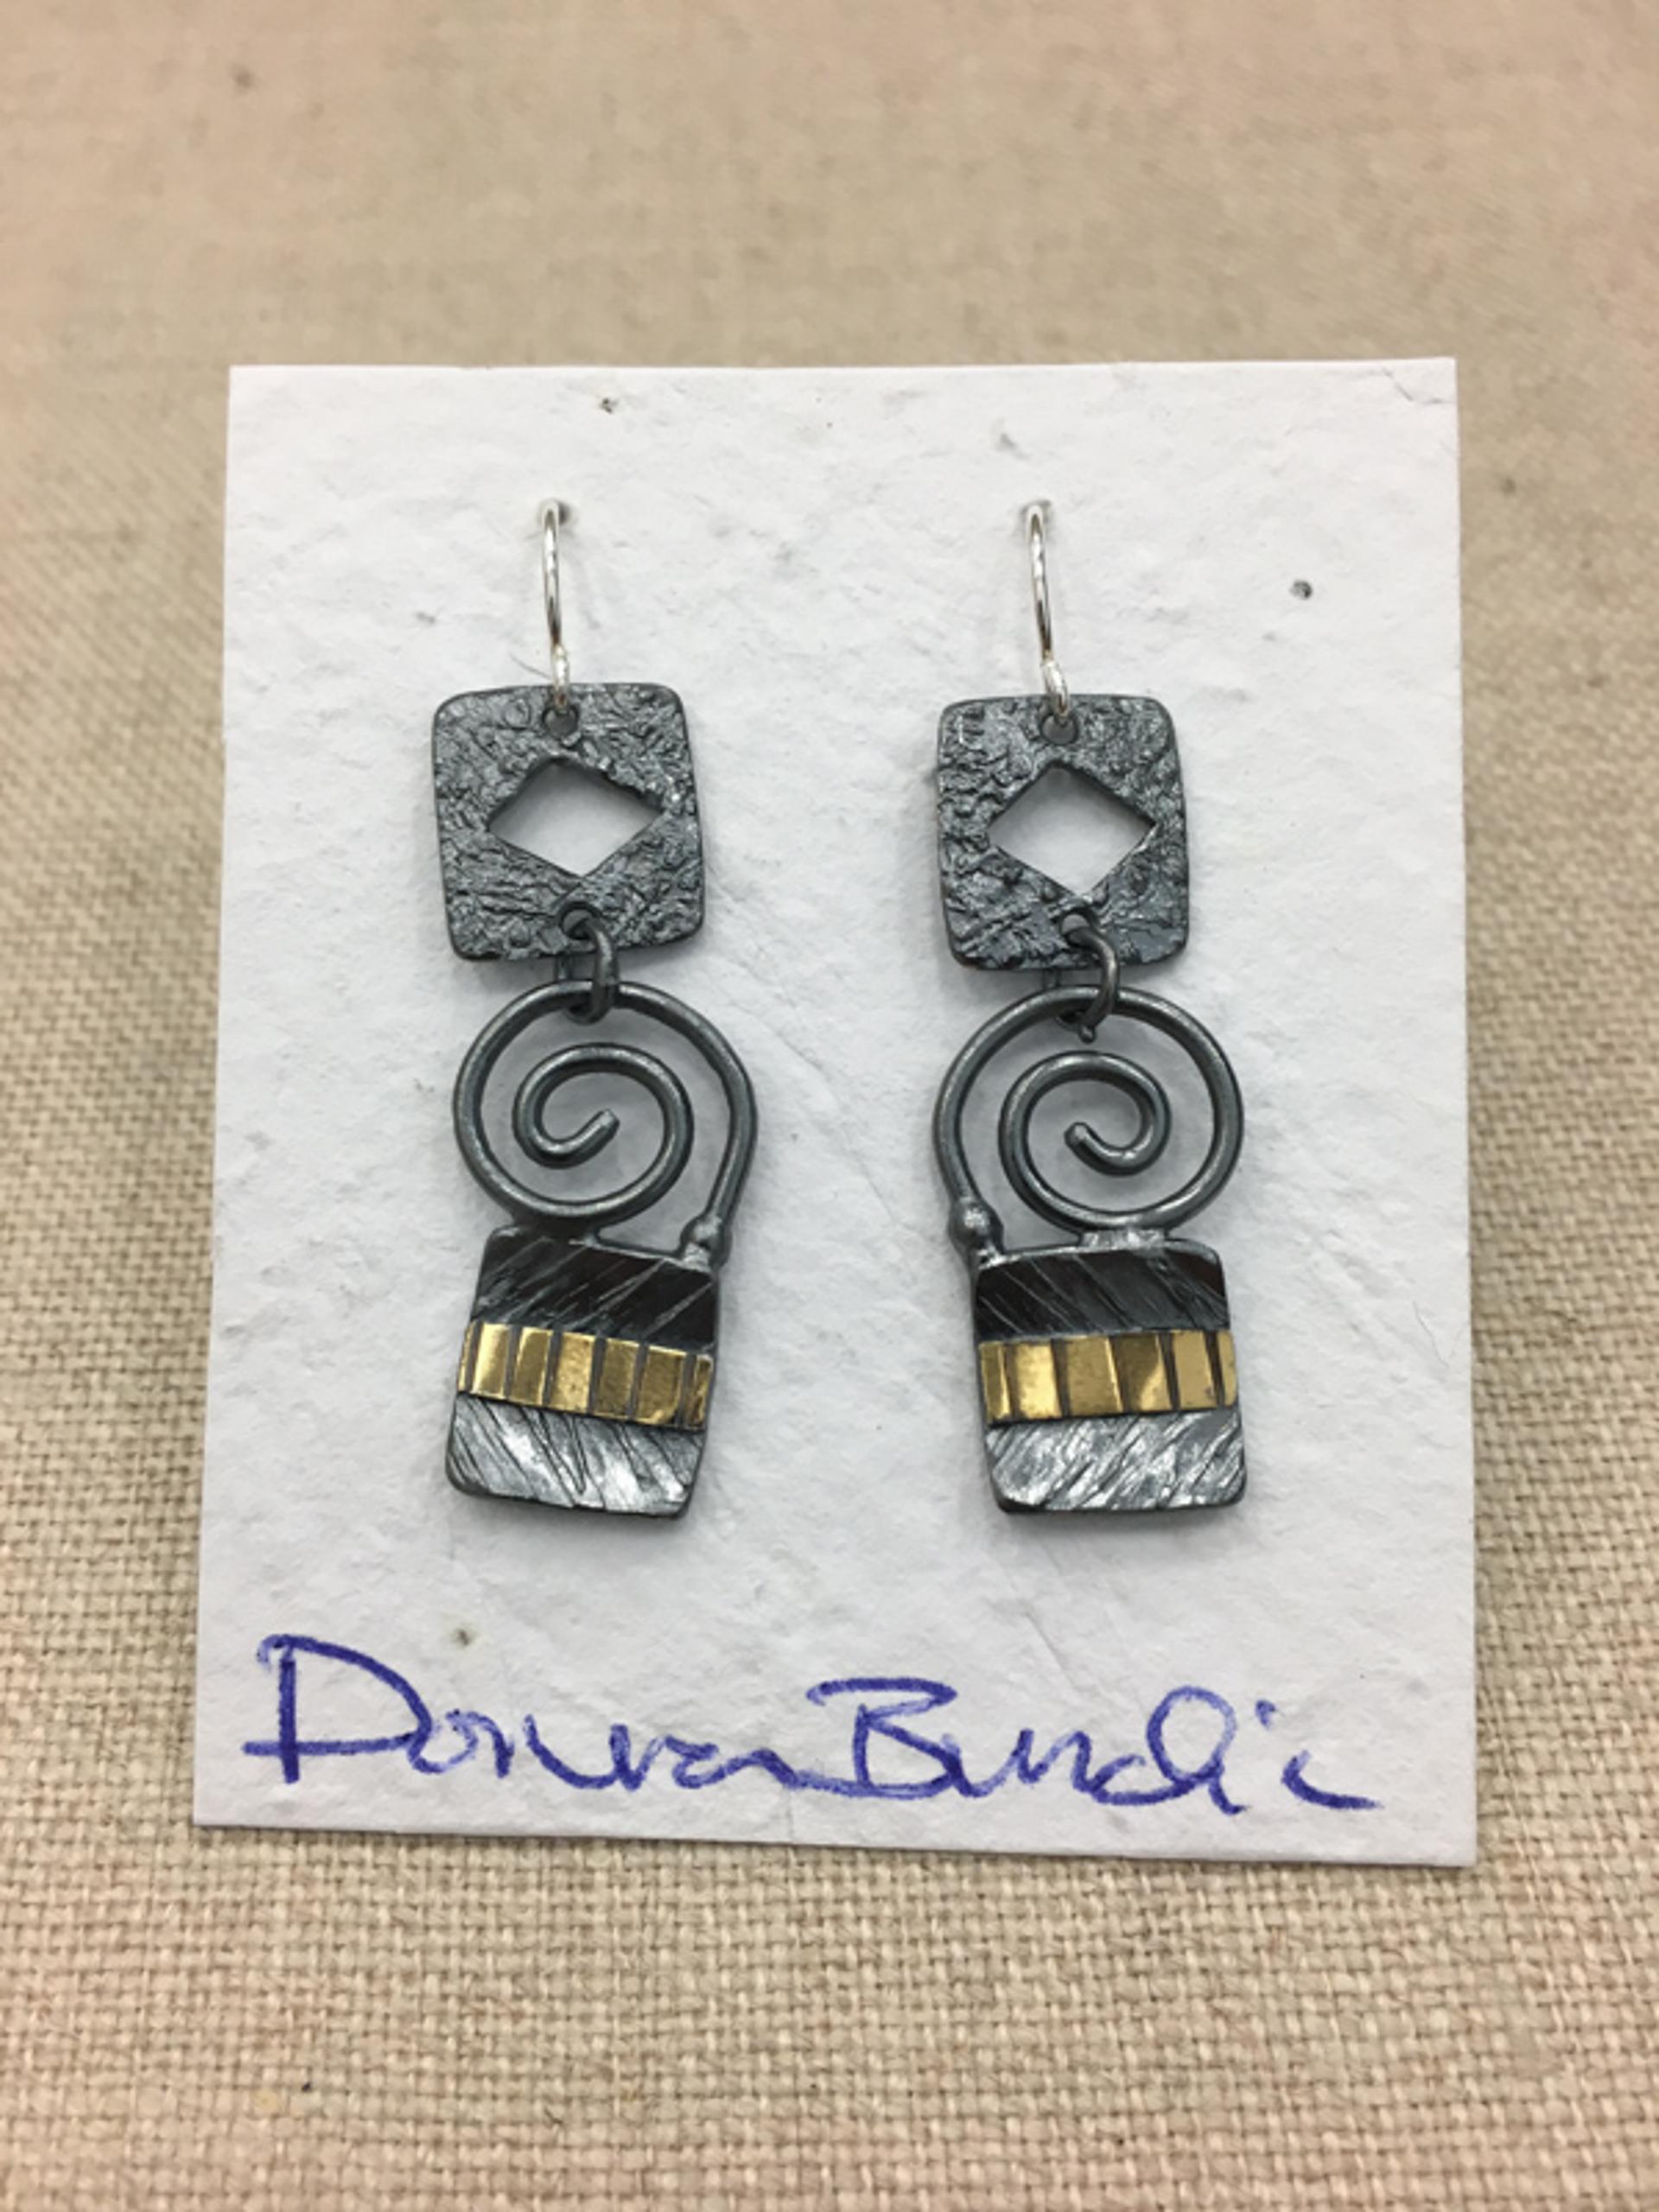 1456-3 Earrings  by Donna Burdic